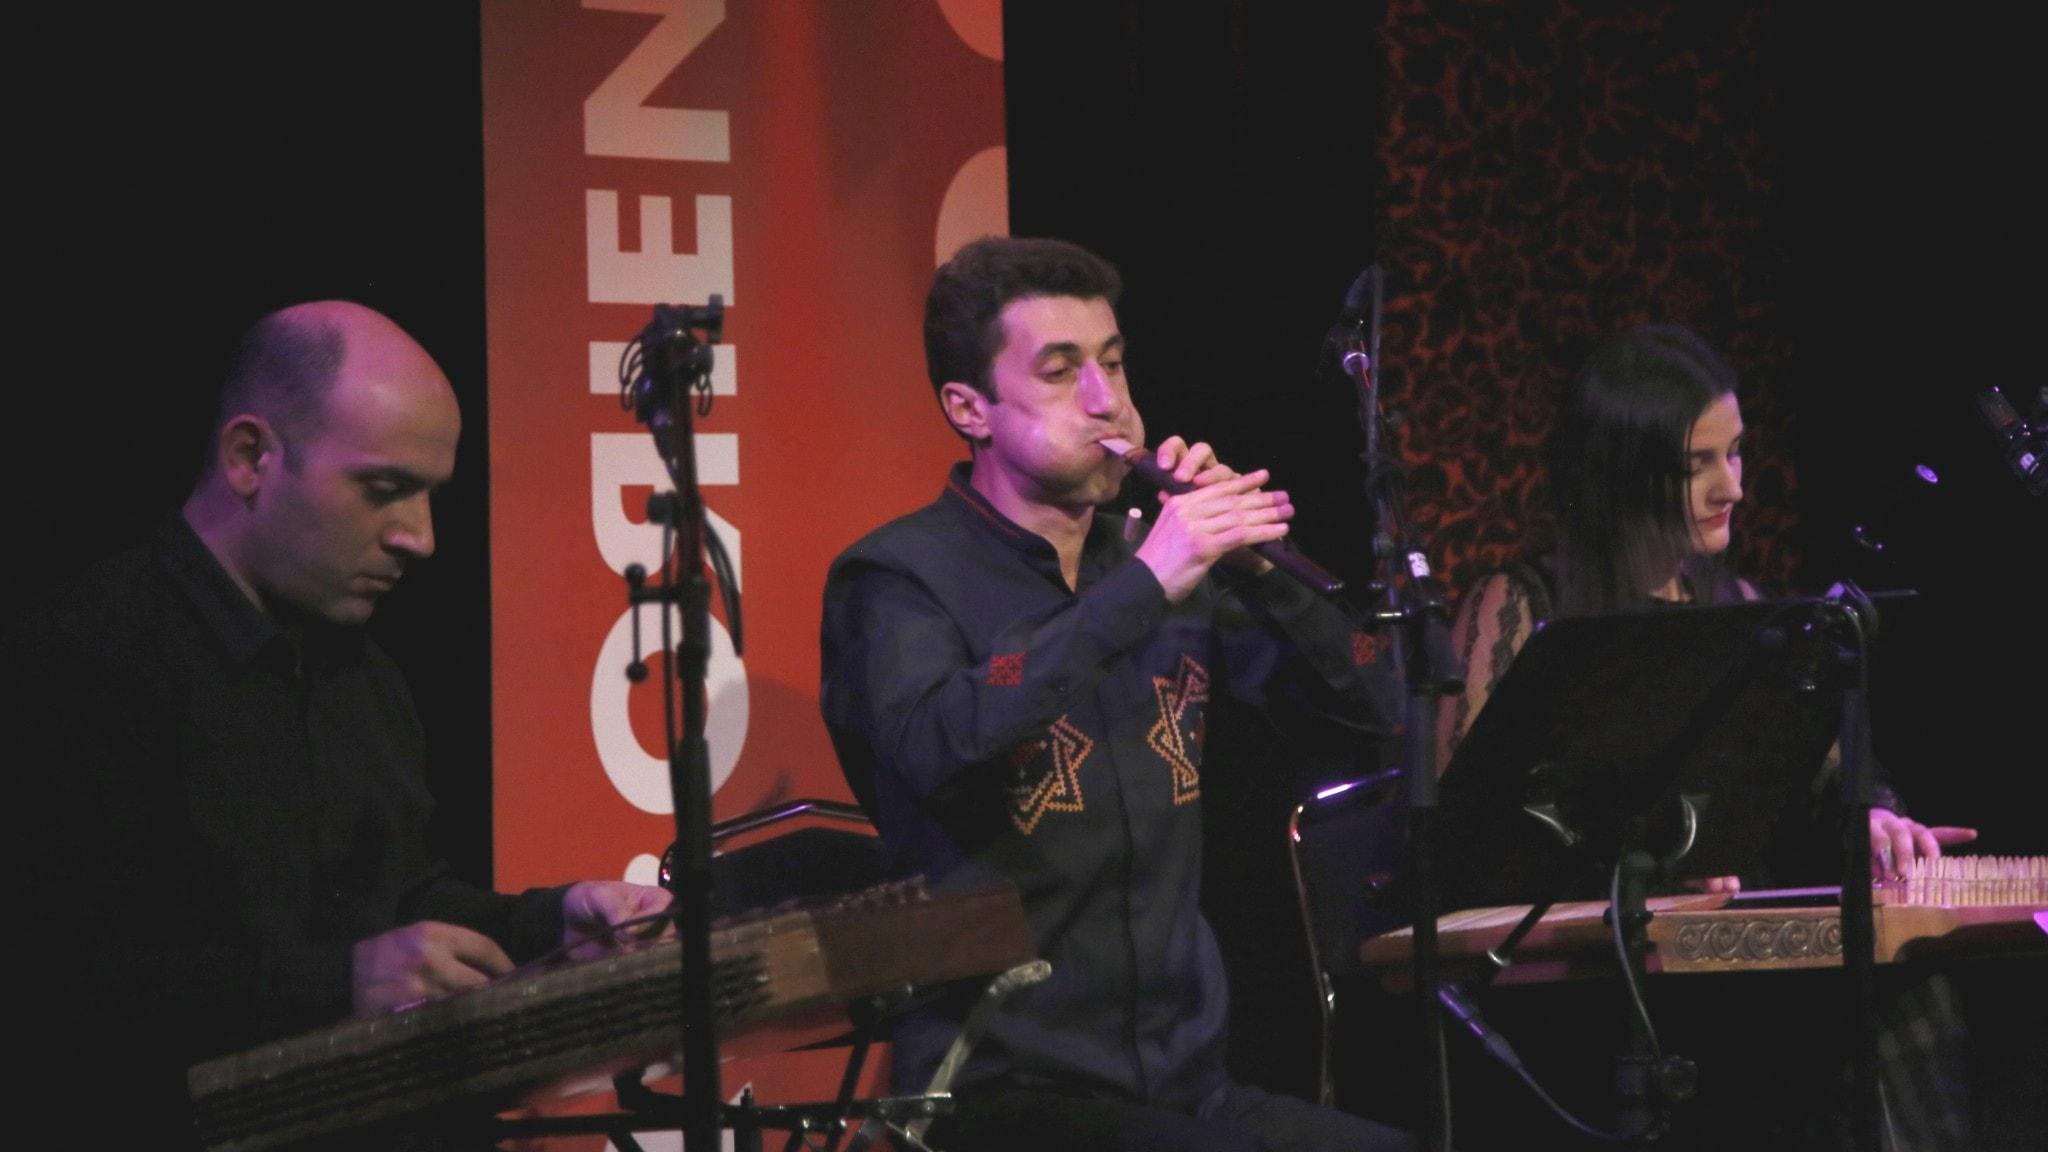 KONSERT: Armenisk musik – tusen år mellan öst och väst